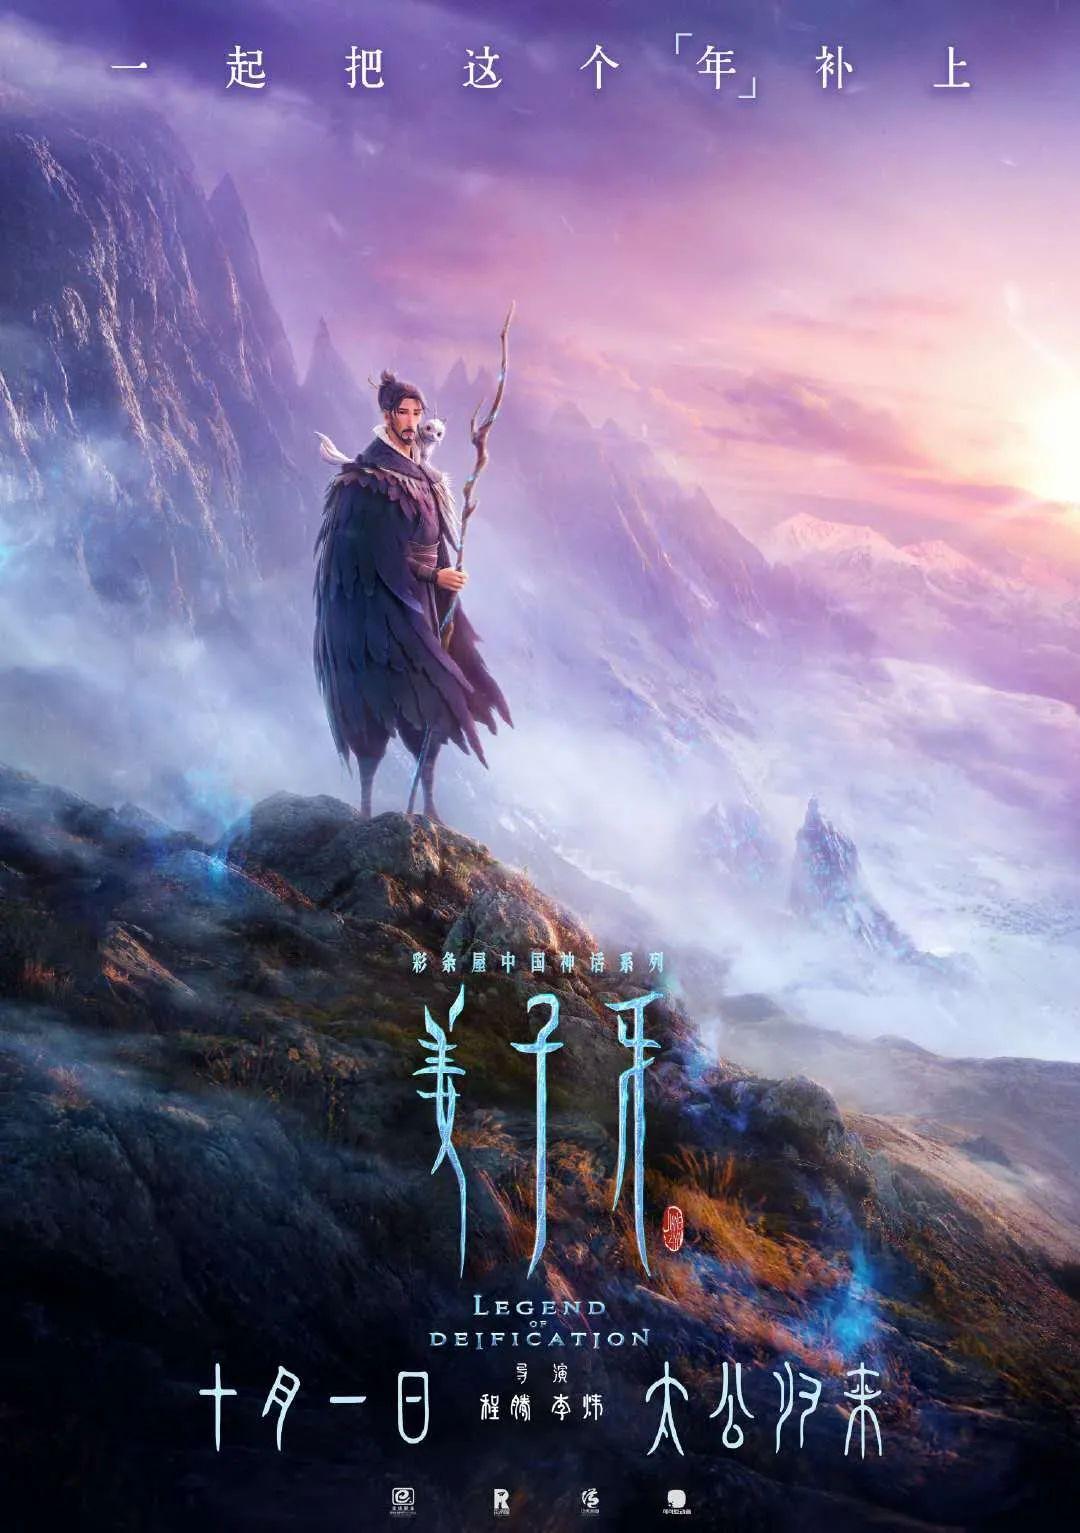 圖片來源:電影姜子牙官方微博